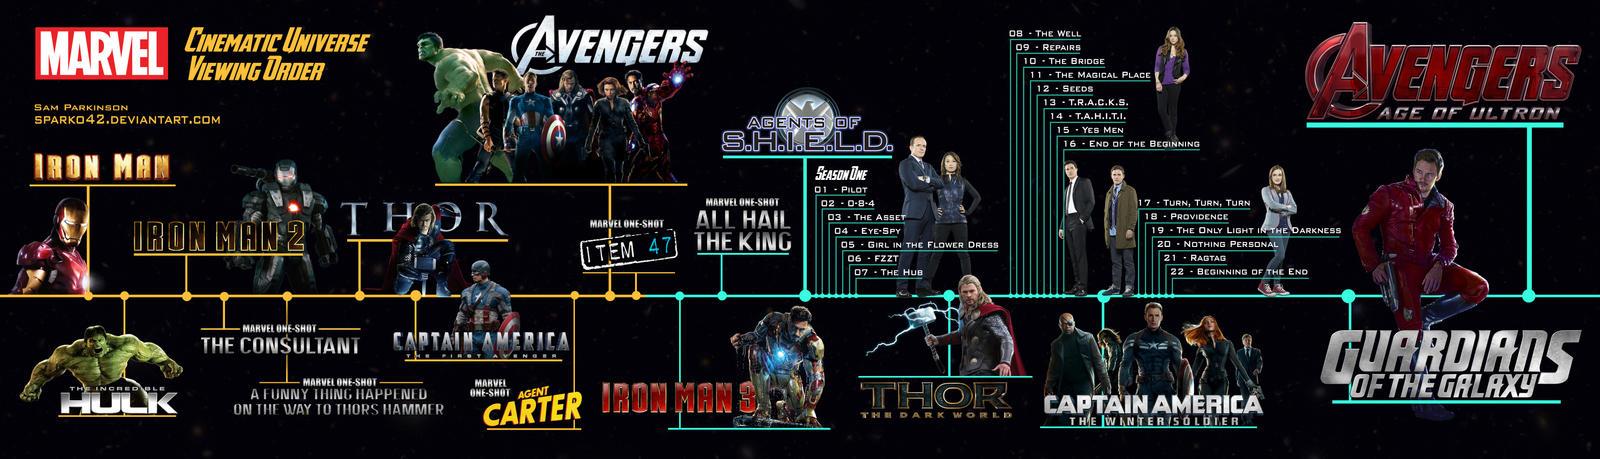 marvel film universe timeline